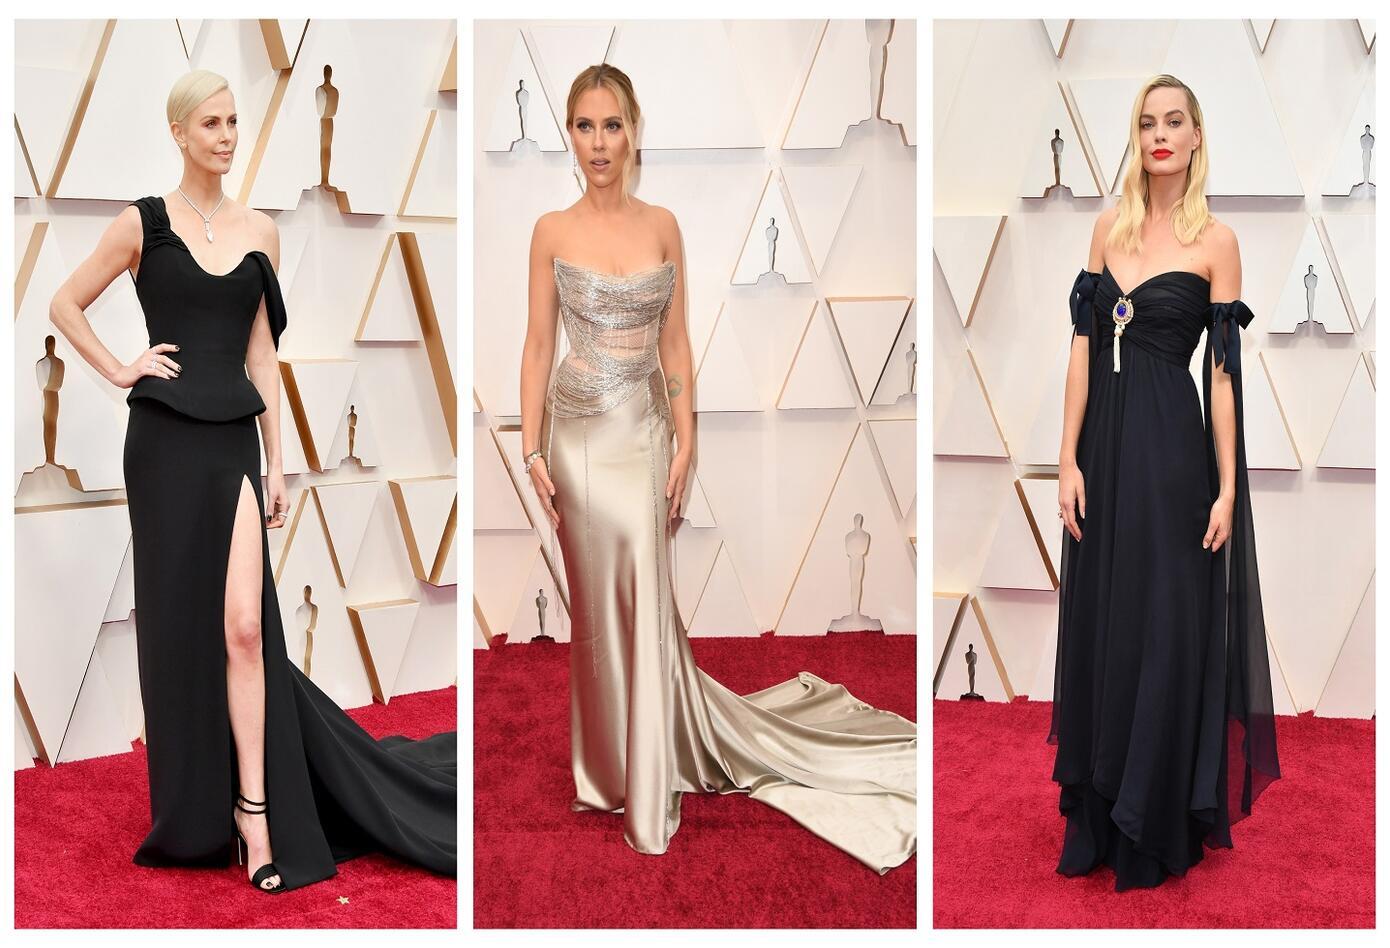 Charlize Theron/Scarlett Johansson/Margot Robbie